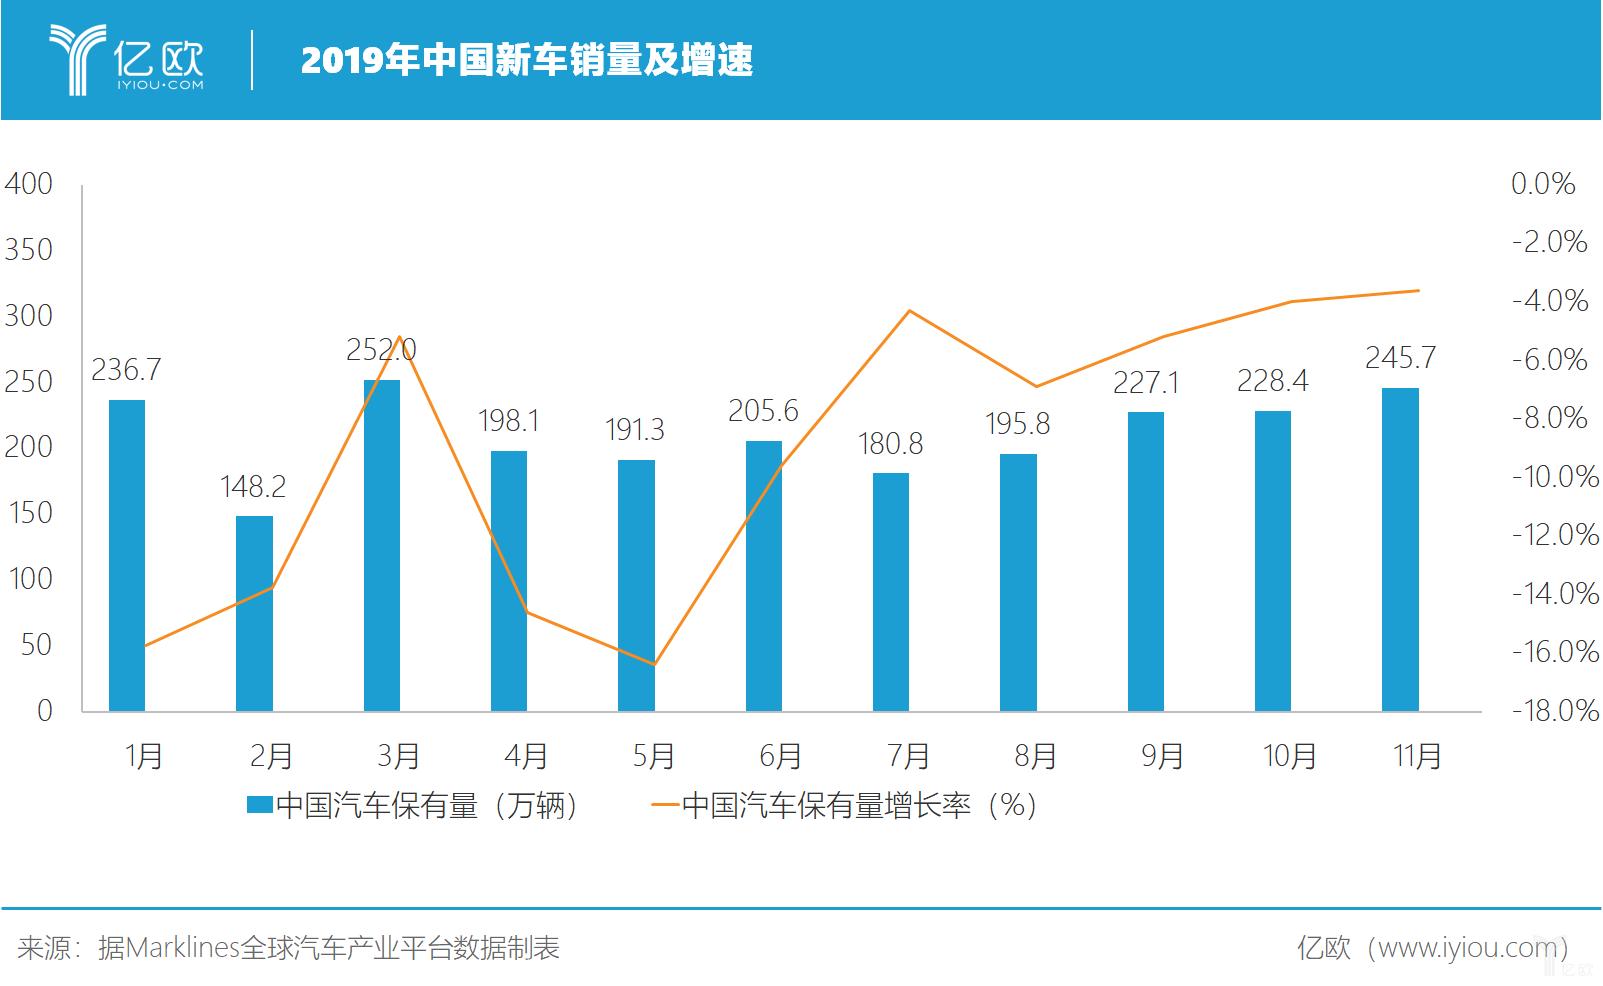 2019年中国新车销量及增速